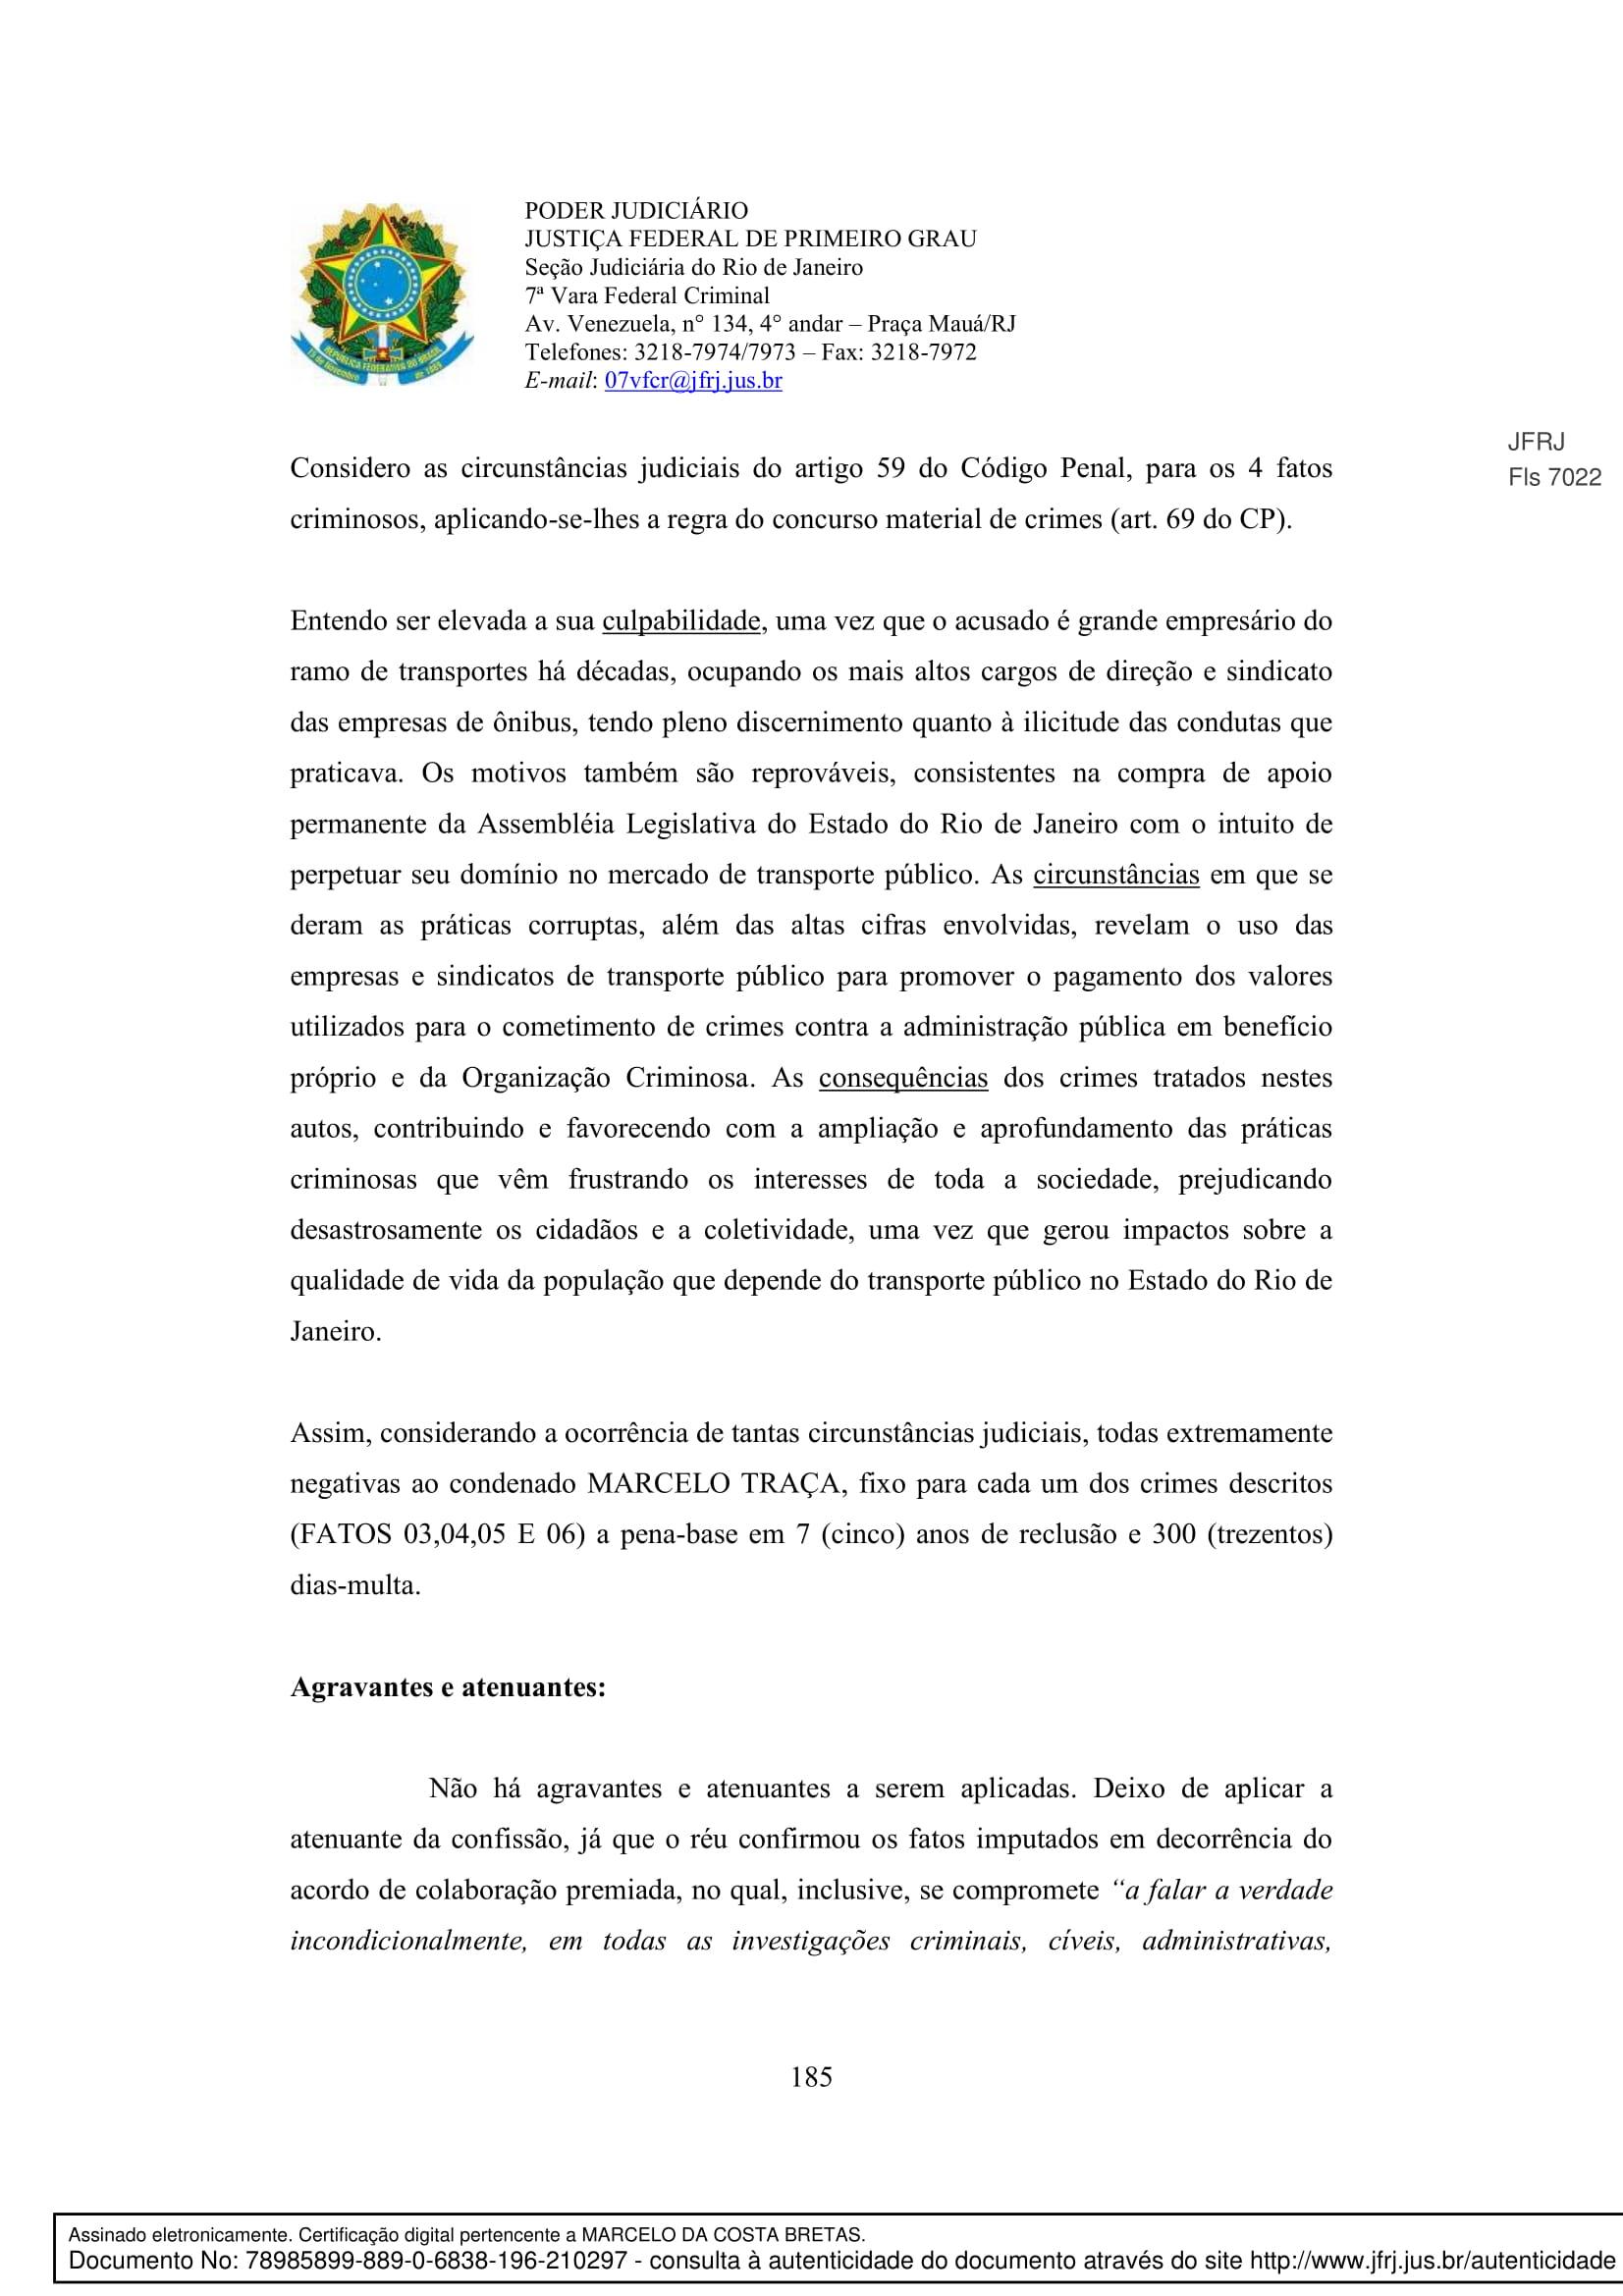 Sentenca-Cadeia-Velha-7VFC-185